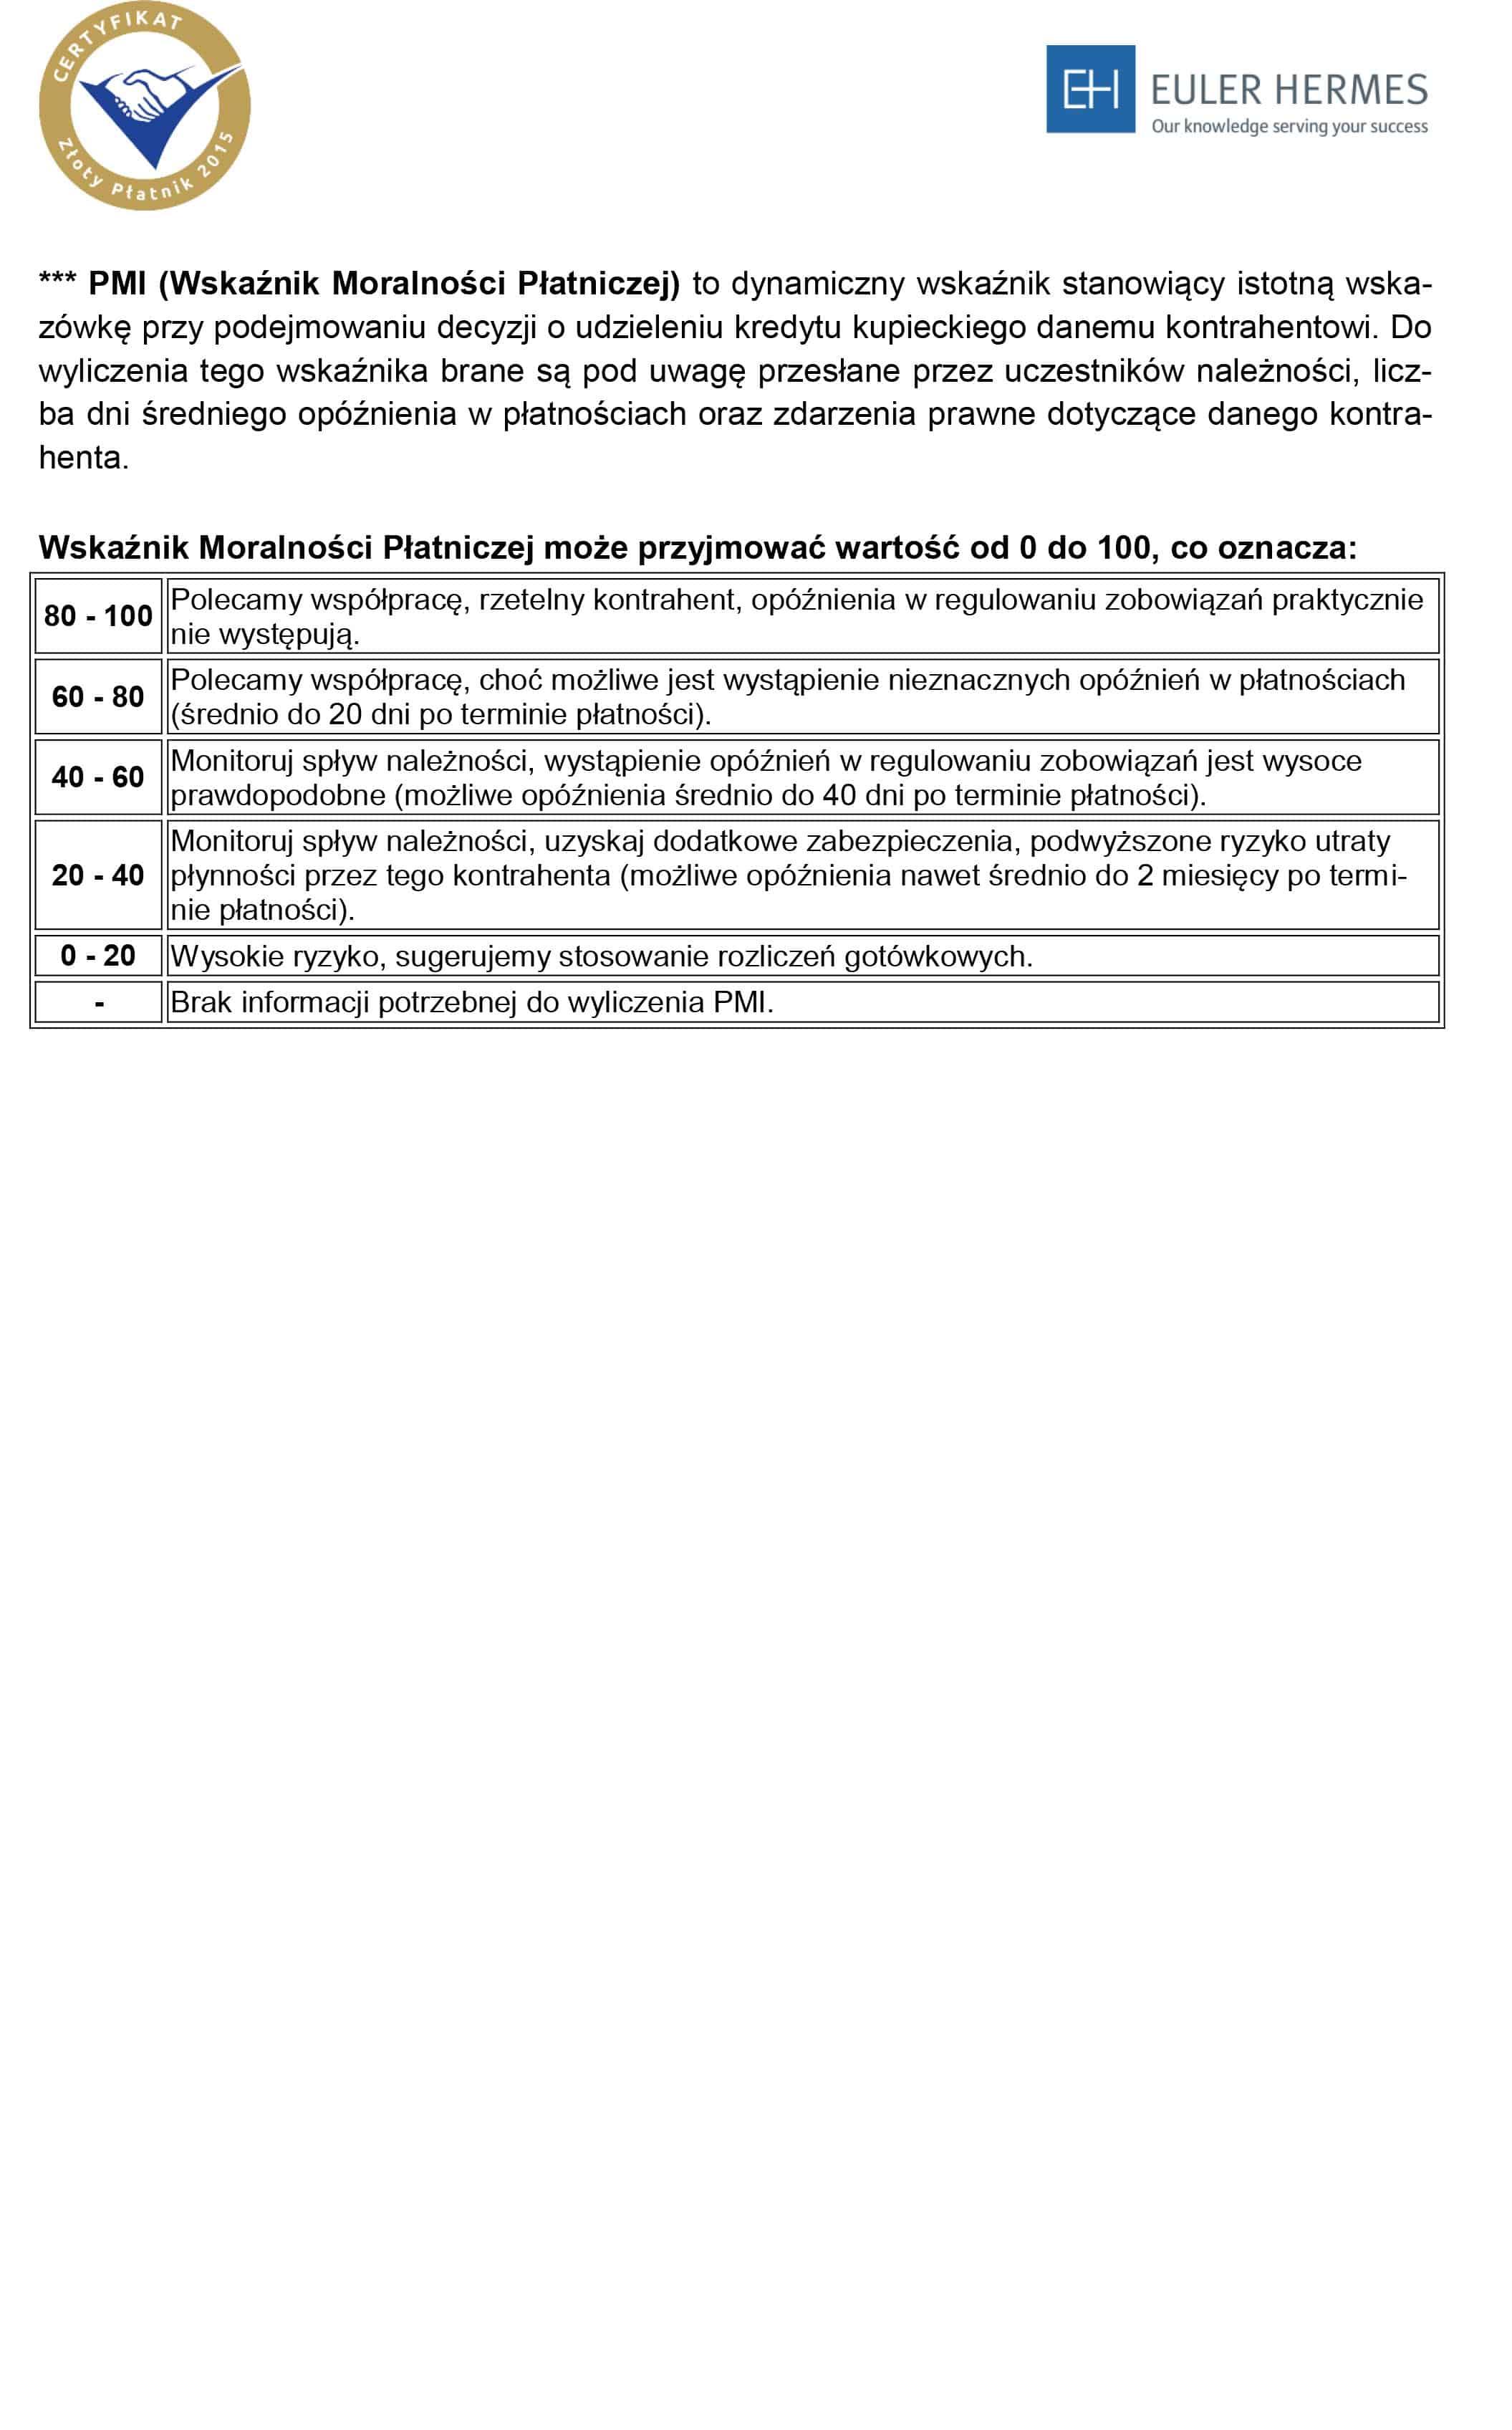 Ocena zdolności kredytowej (Rating)